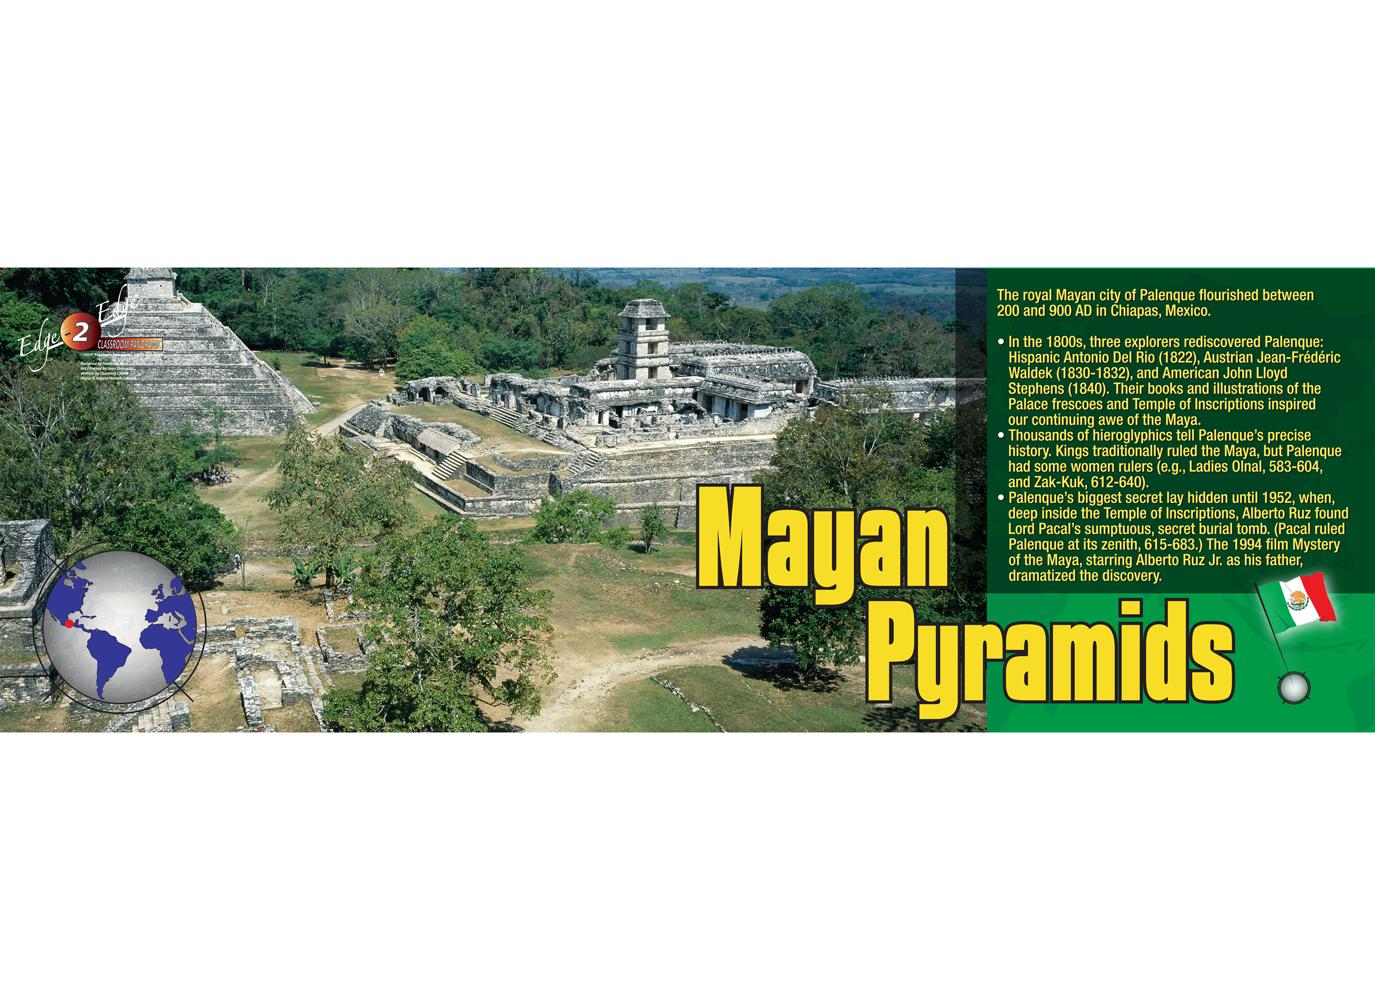 Mayan Pyramids Panoramic Poster